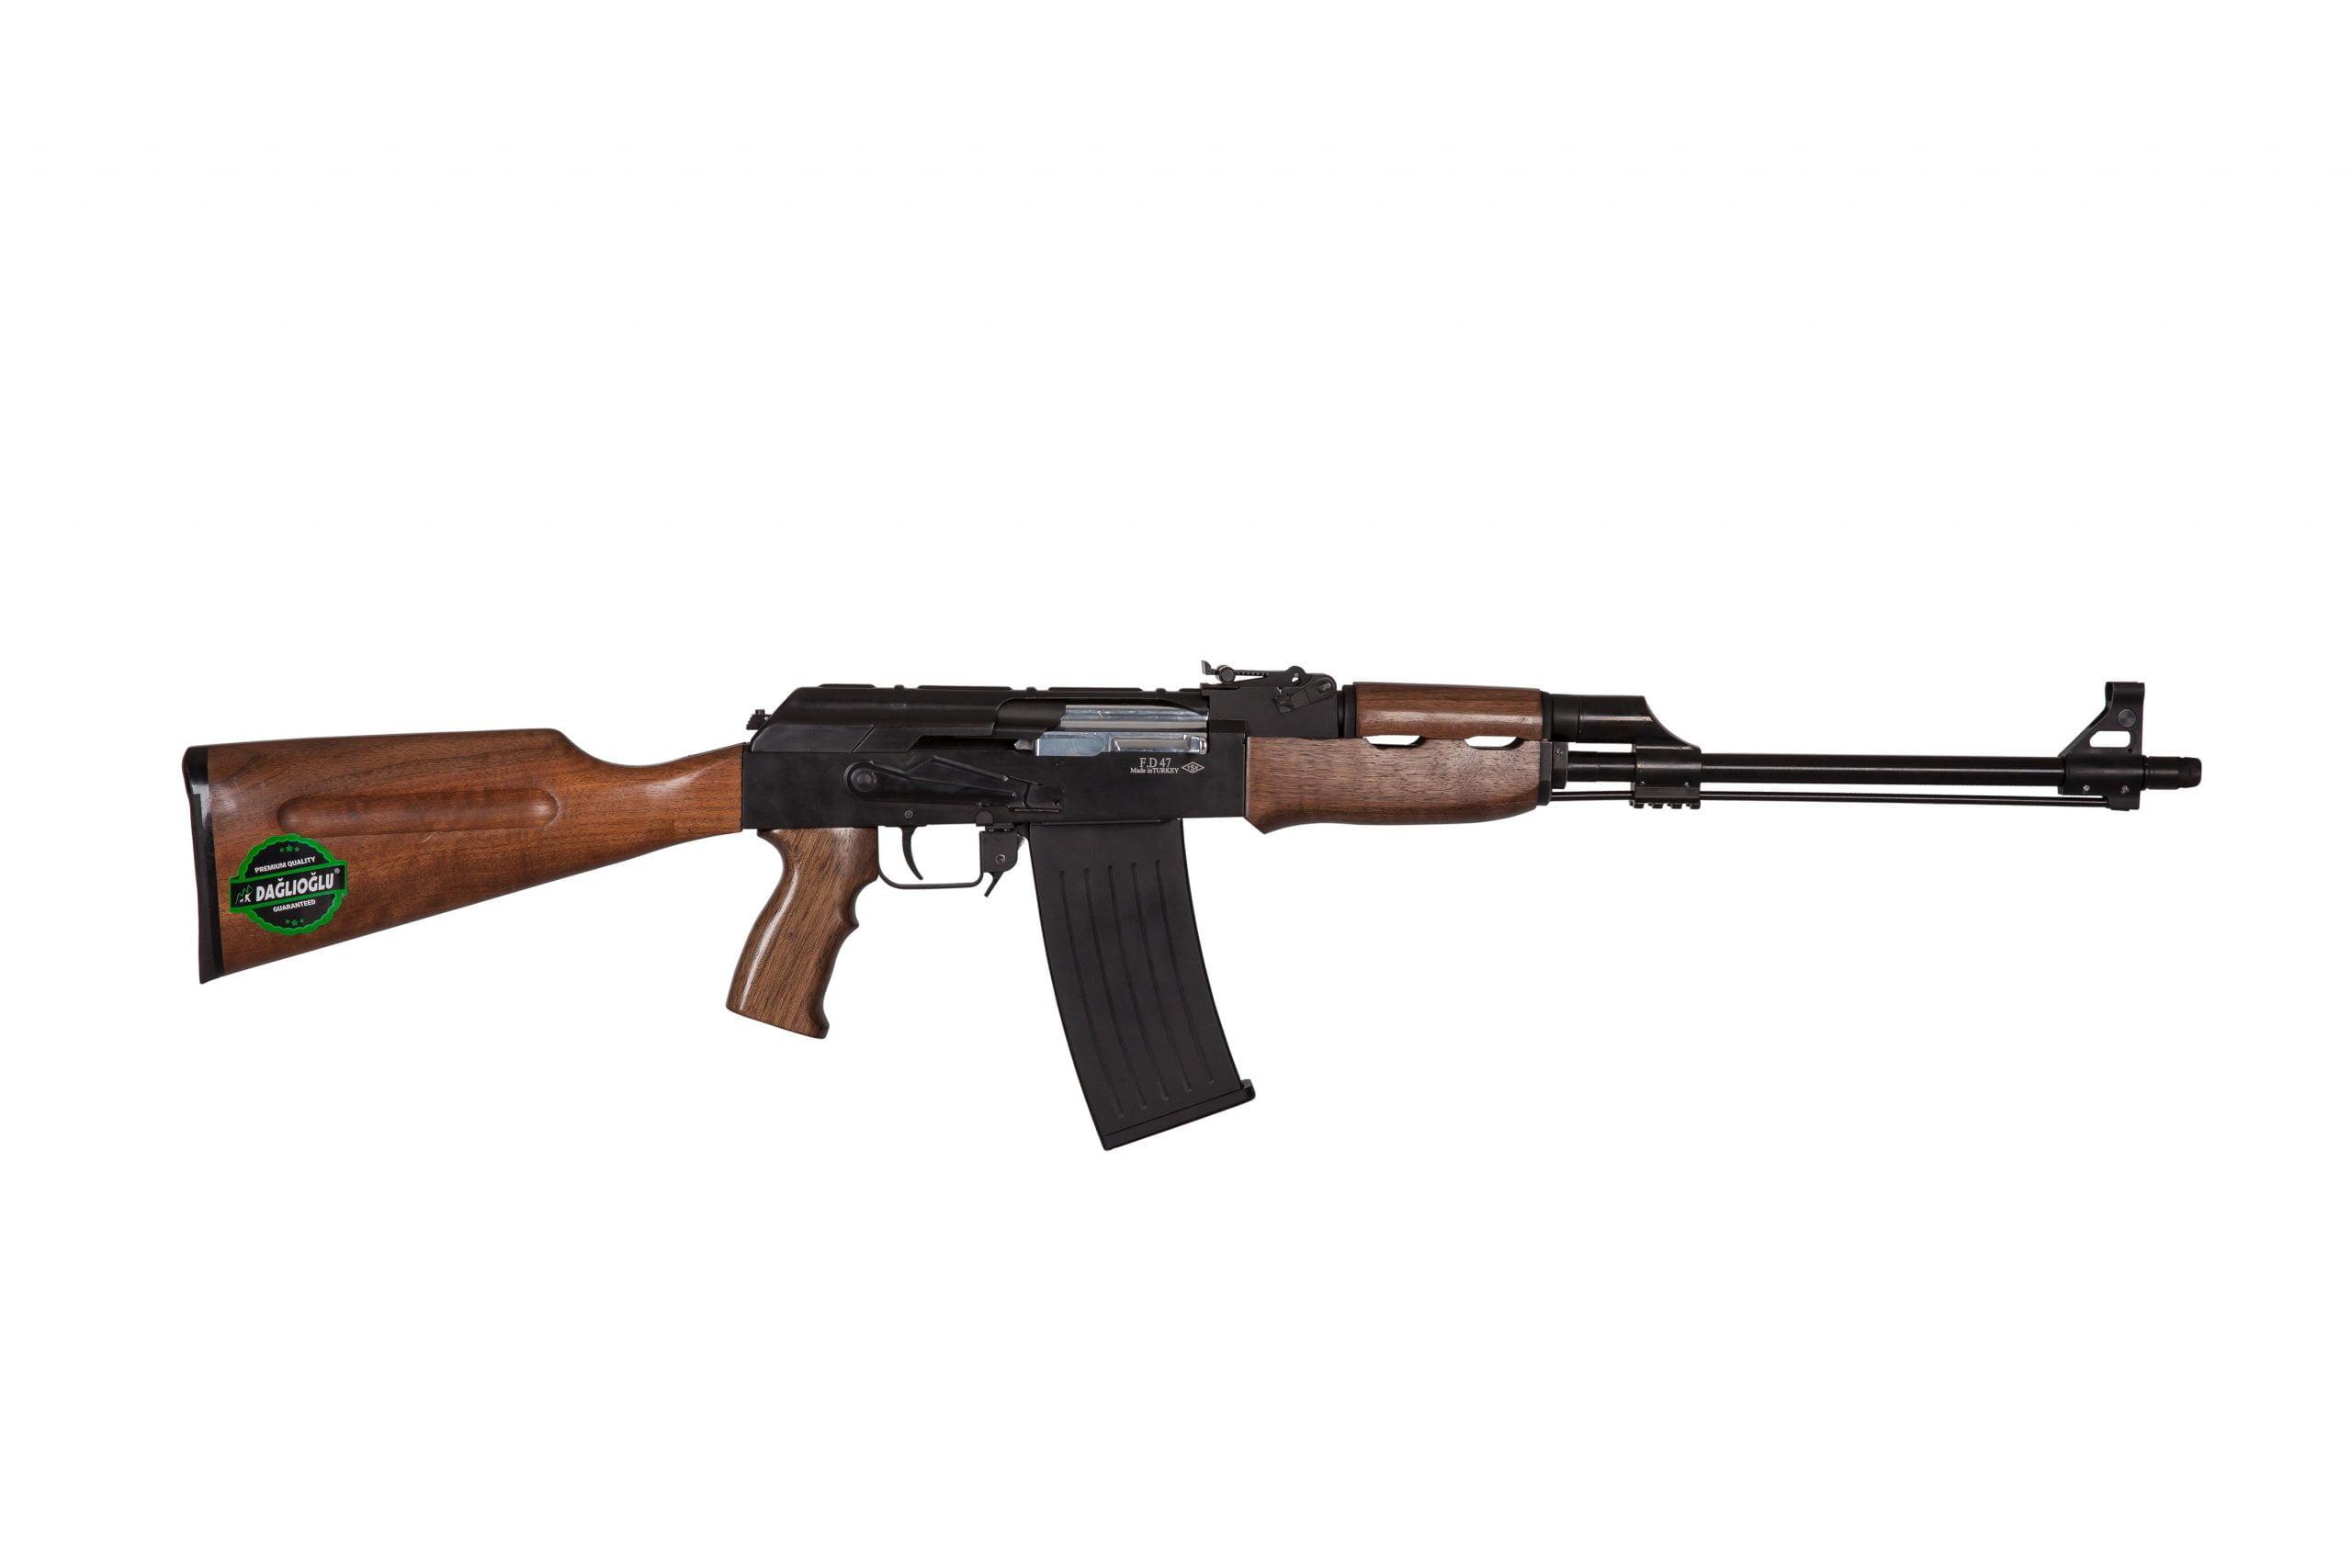 FD 47 Shotgun Image